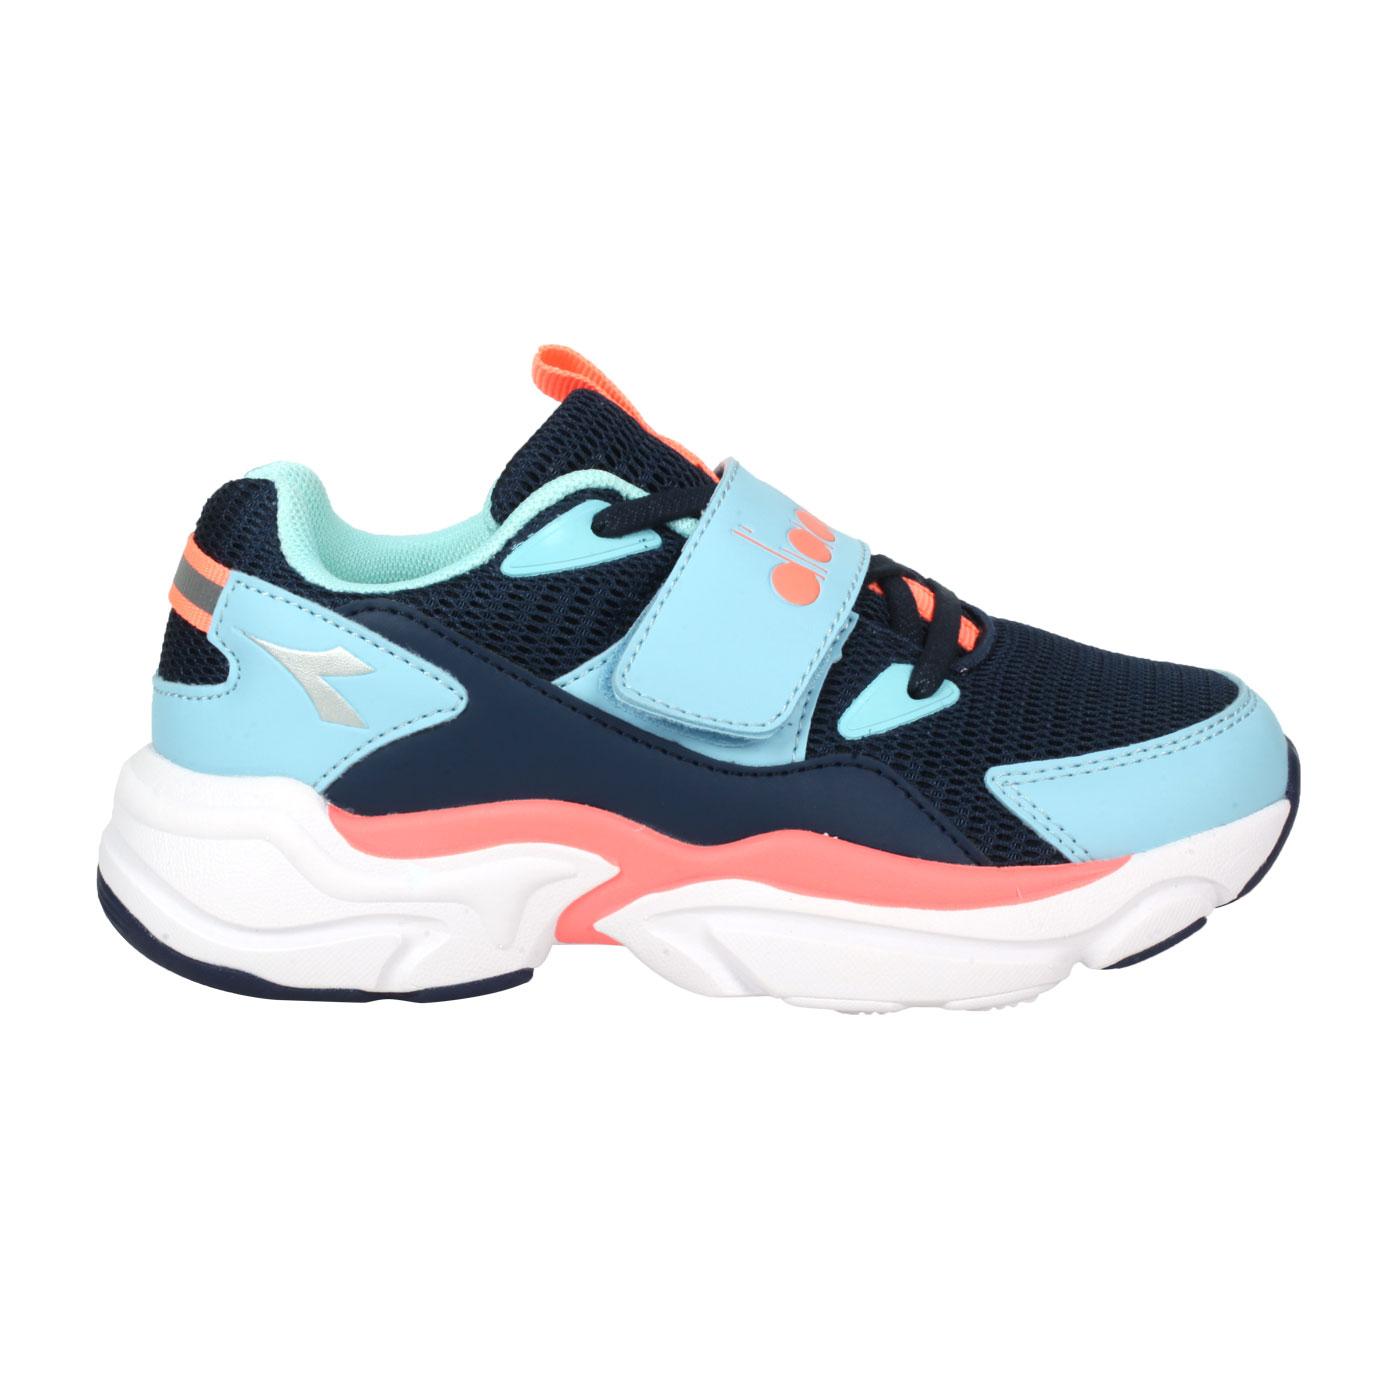 DIADORA 中童運動鞋-超寬楦 DA11025 - 藍水藍粉橘